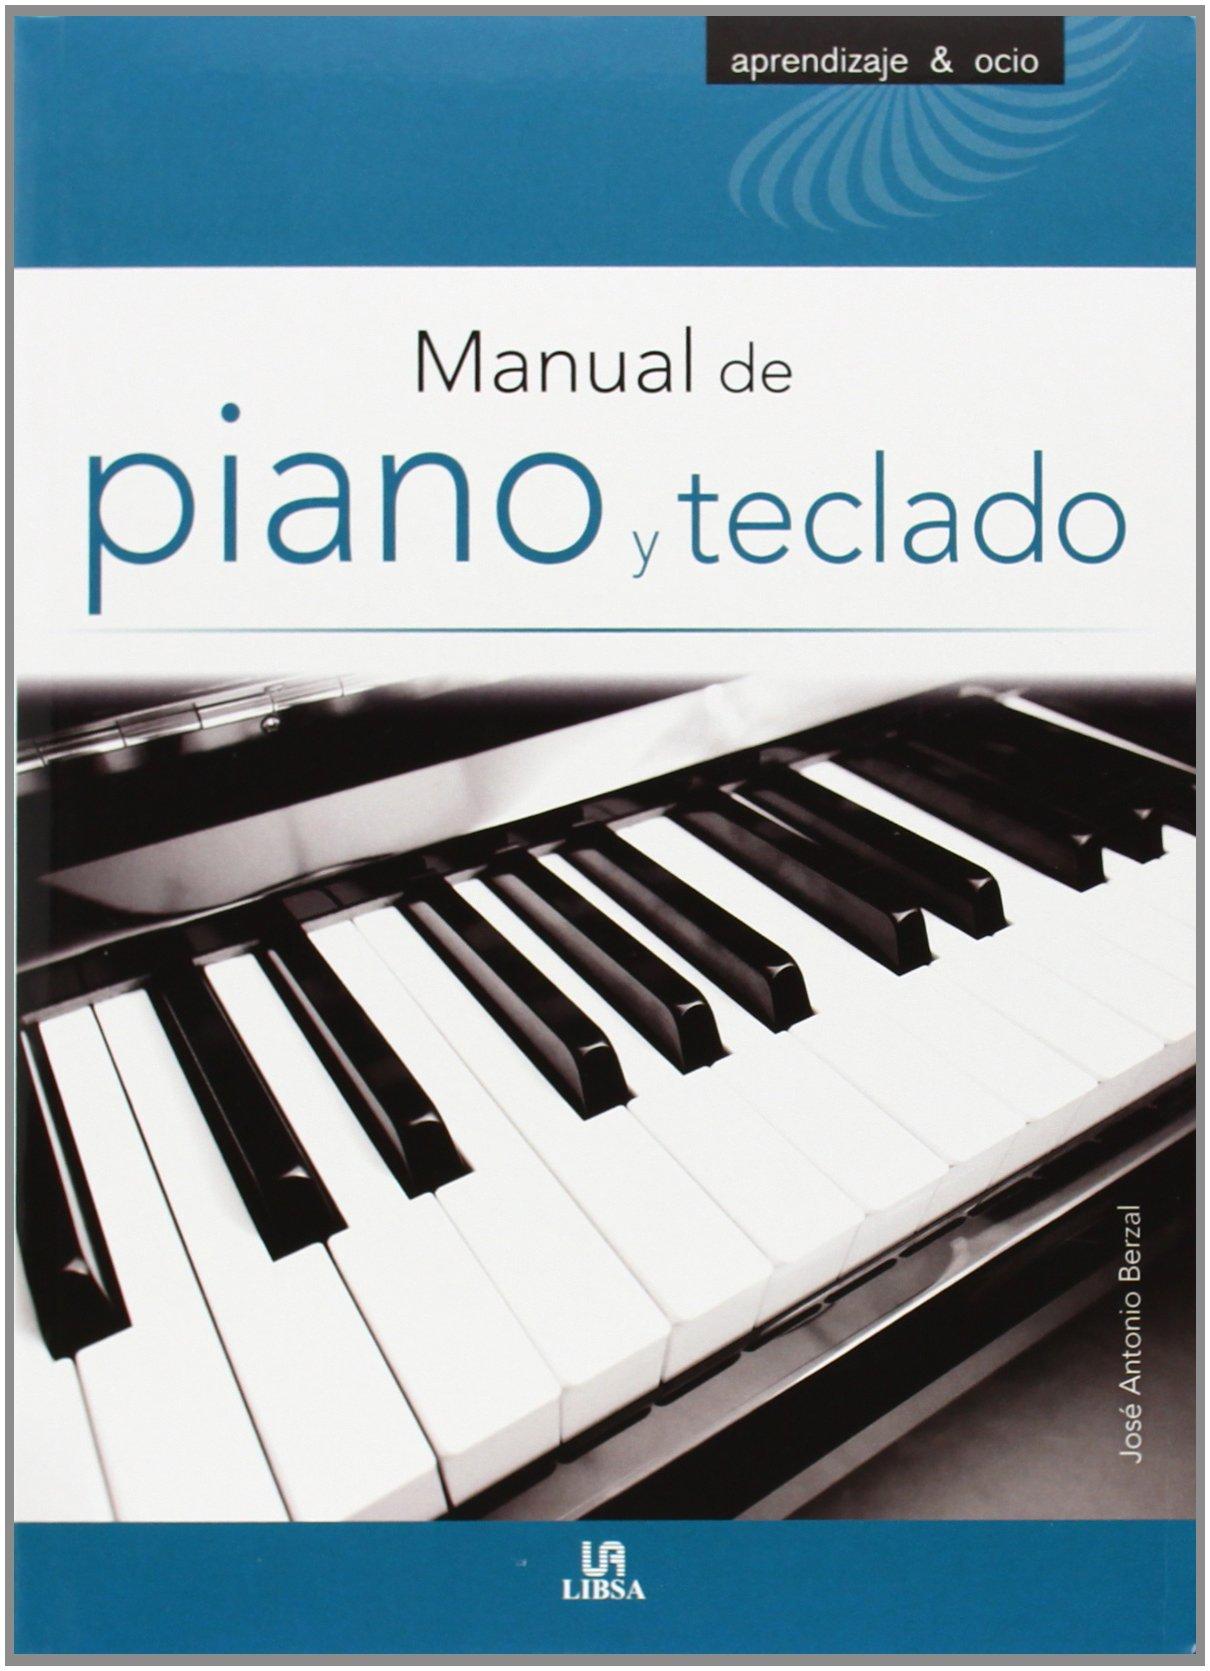 Manual de Piano y Teclado (Aprendizaje y Ocio): Amazon.es ...